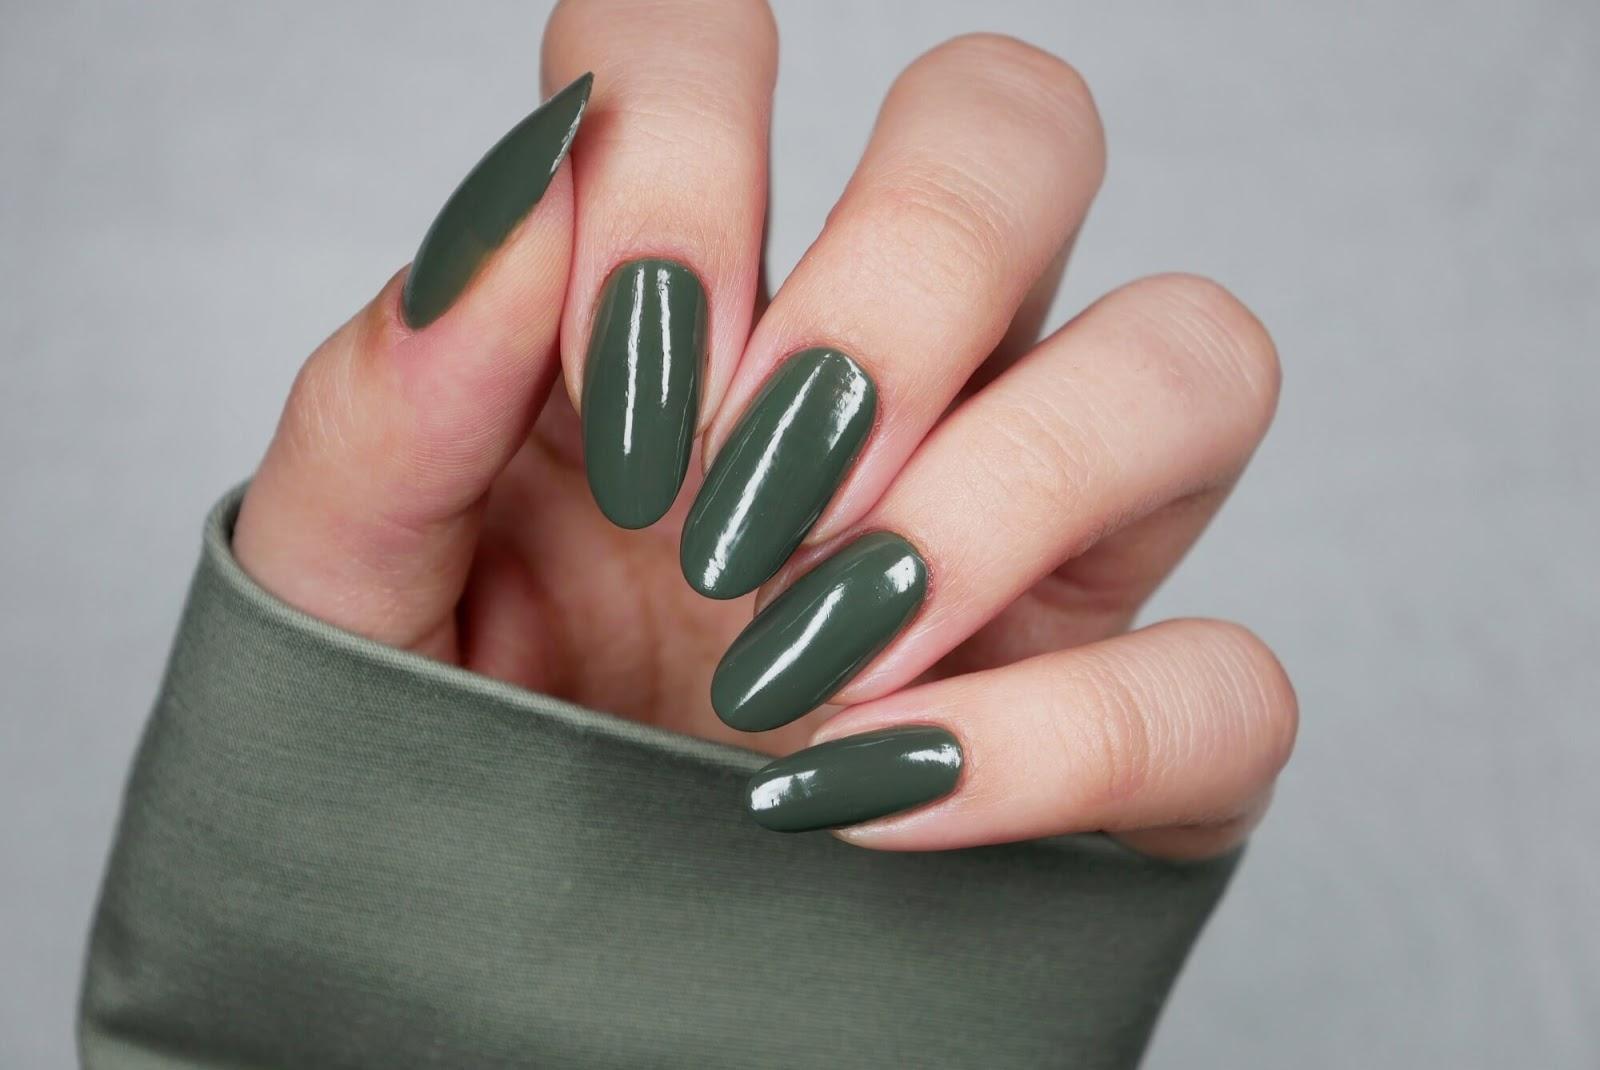 paznokcie - zgniła zieleń